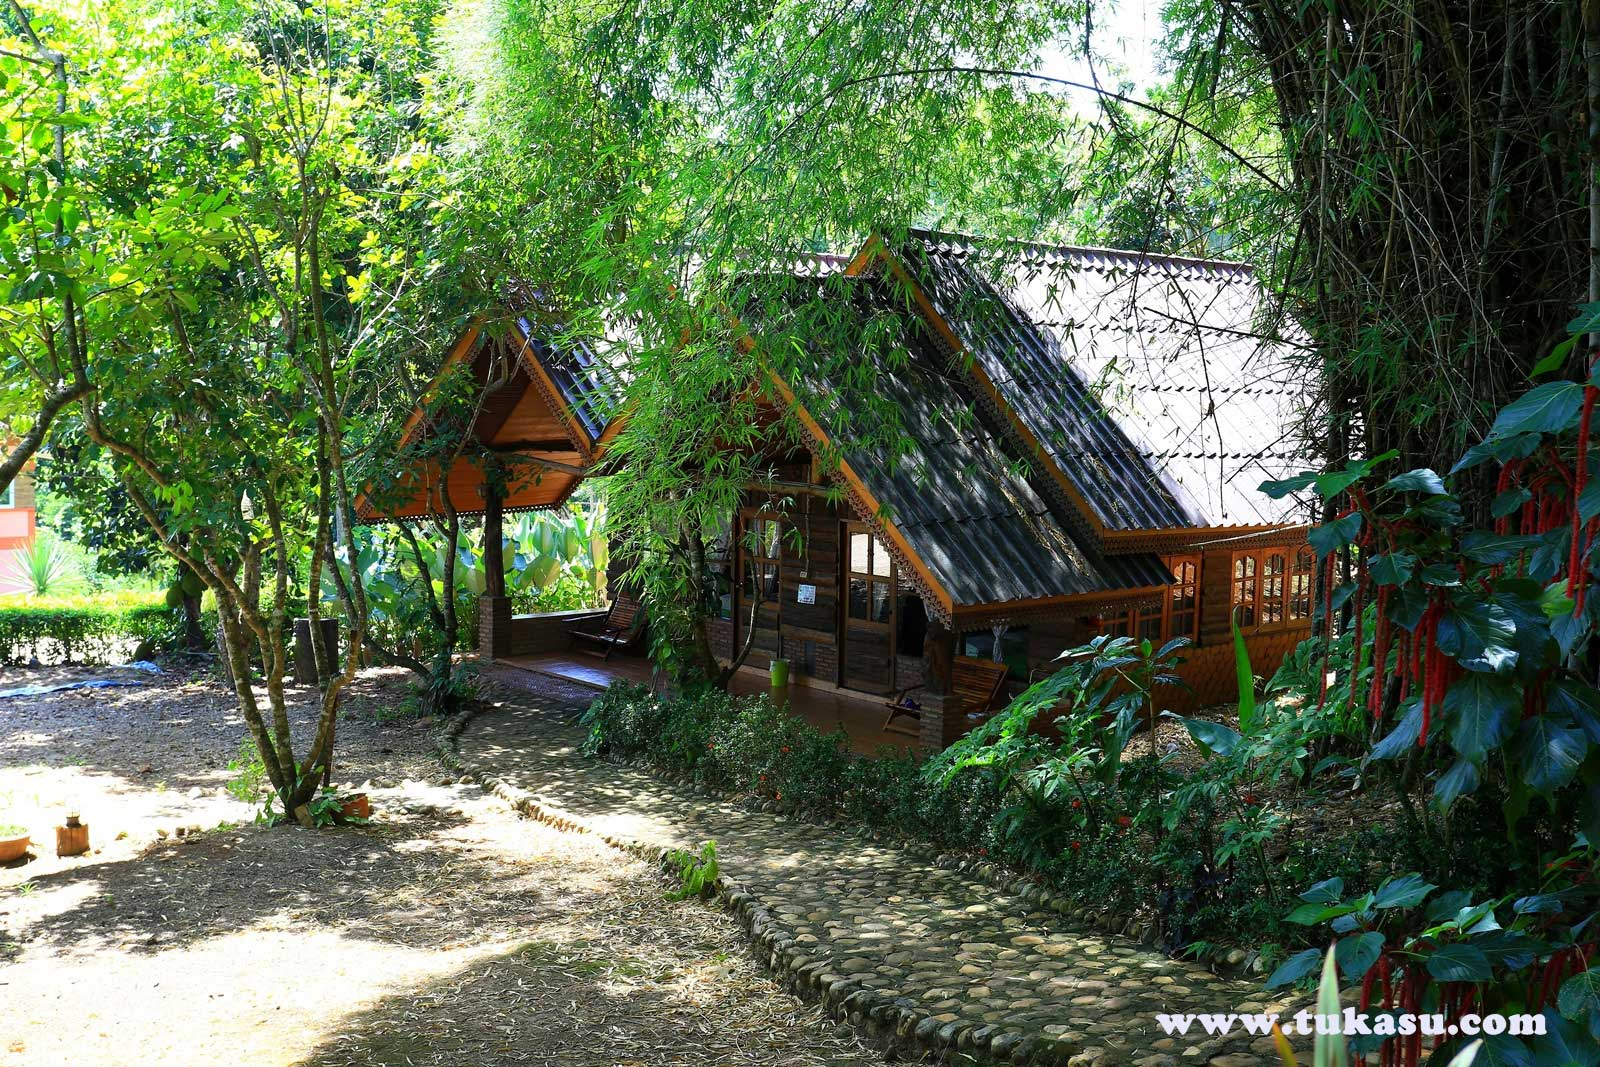 บ้านกลางไพร : ตูกะสู คอทเทจ ที่พัก อ.อุ้มผาง จ.ตาก